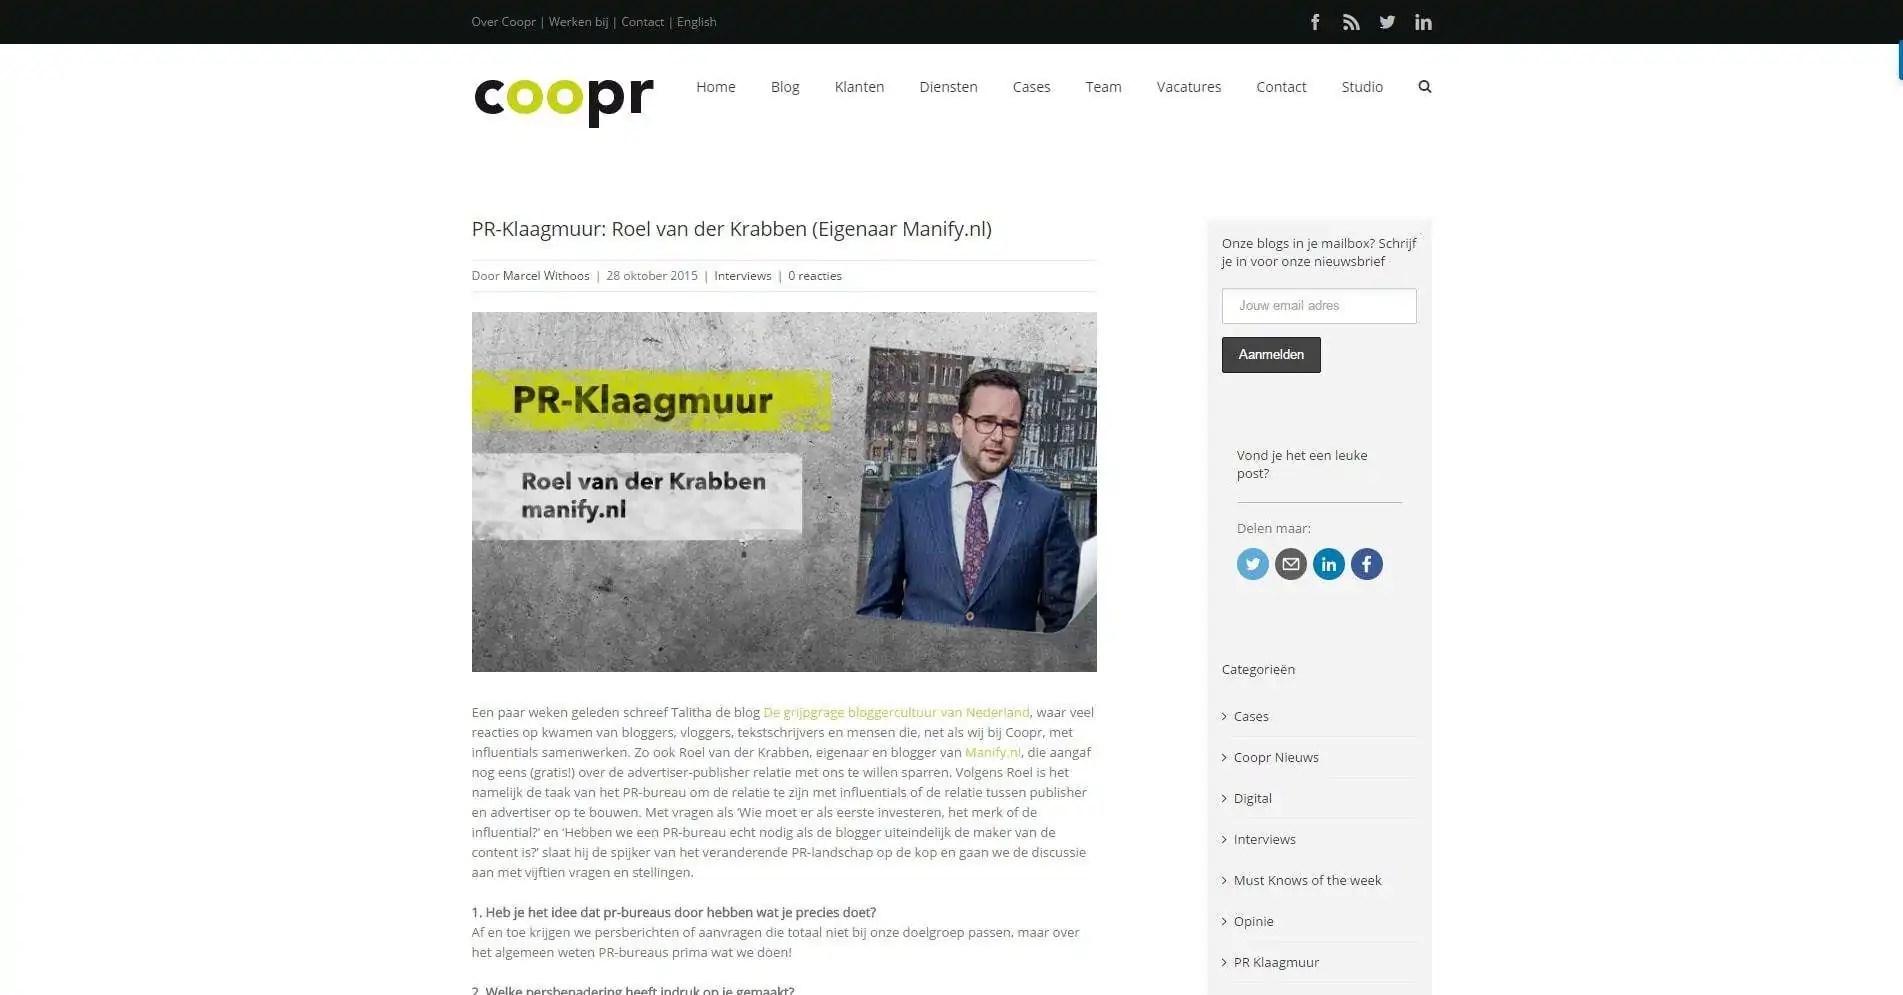 FireShot Capture 128 – PR-Klaagmuur_ R_ – http___www.coopr.nl_blog_pr-klaagmuur-roel-van-der-krabben